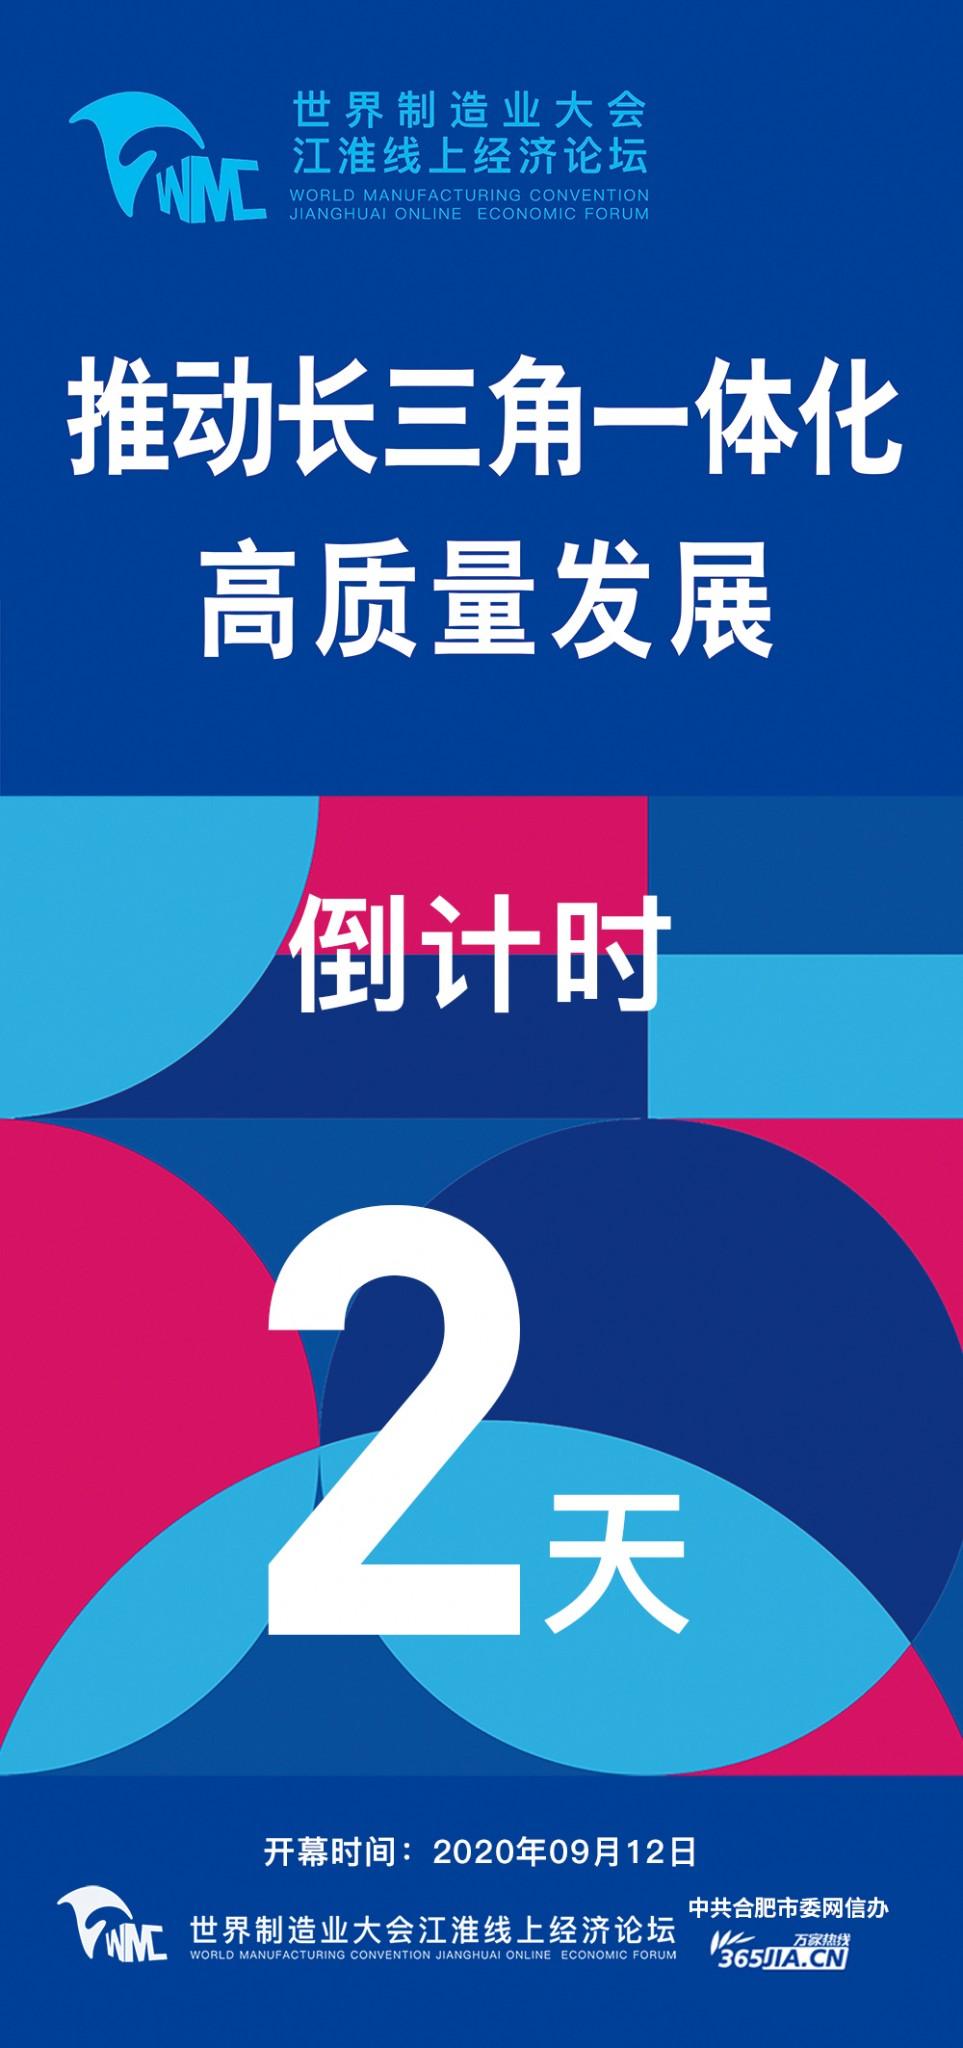 世界制造业大会9月12日举行